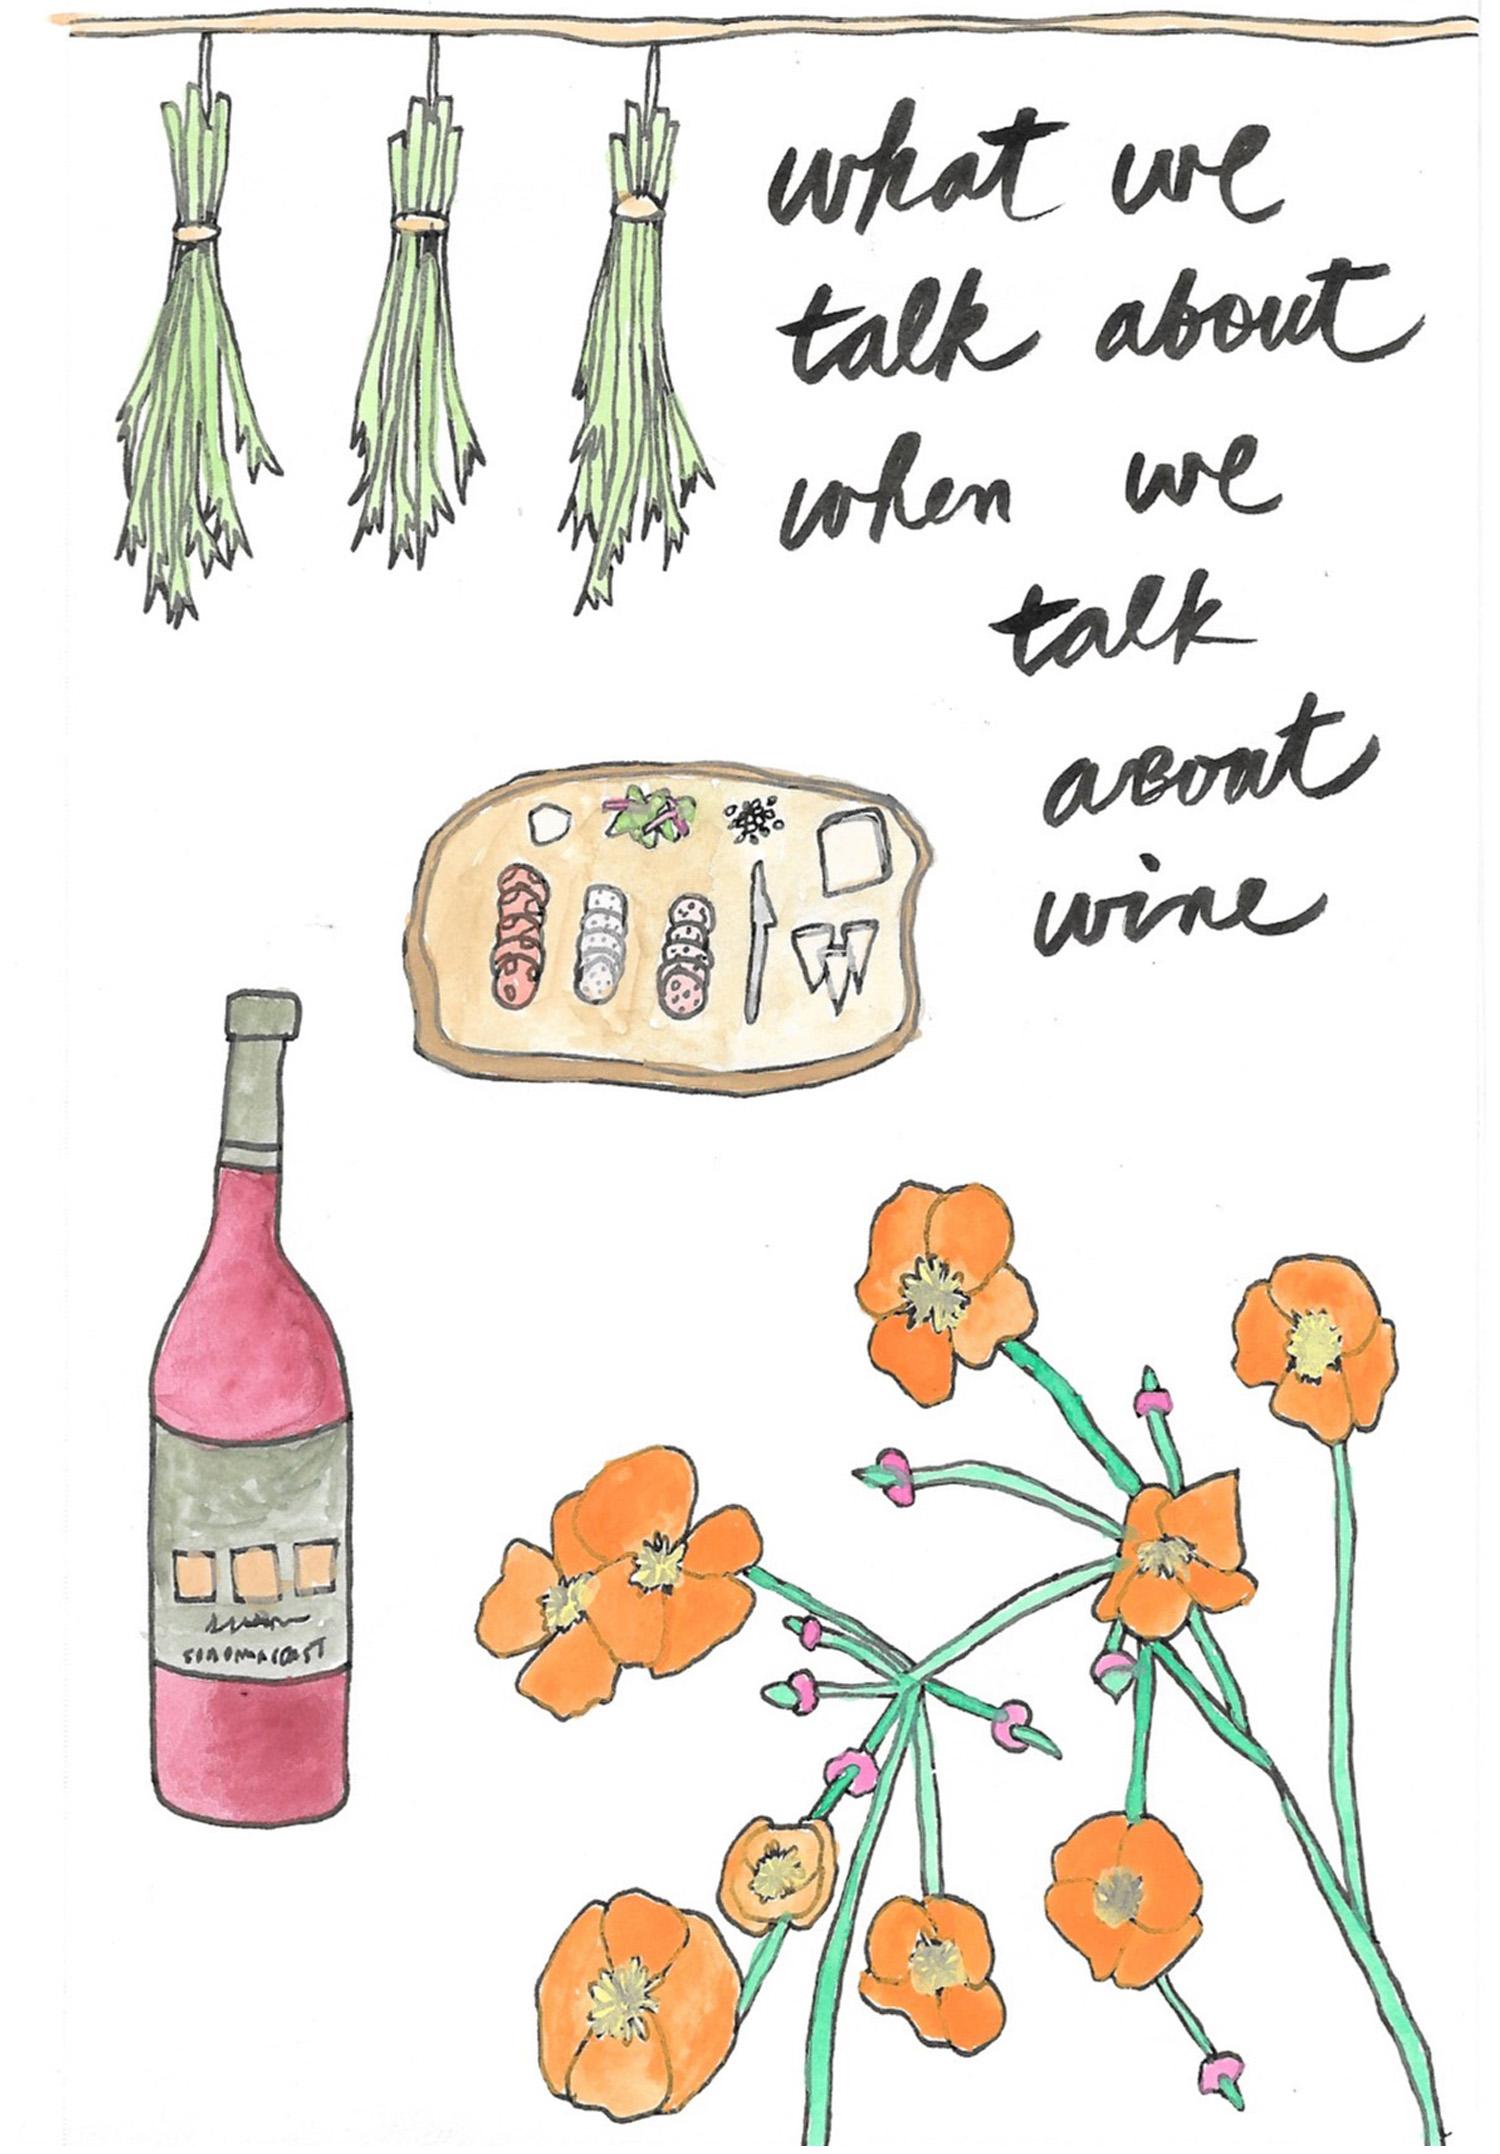 wine bottle flower cheese drawing illustration nicole stevenson studio.jpg